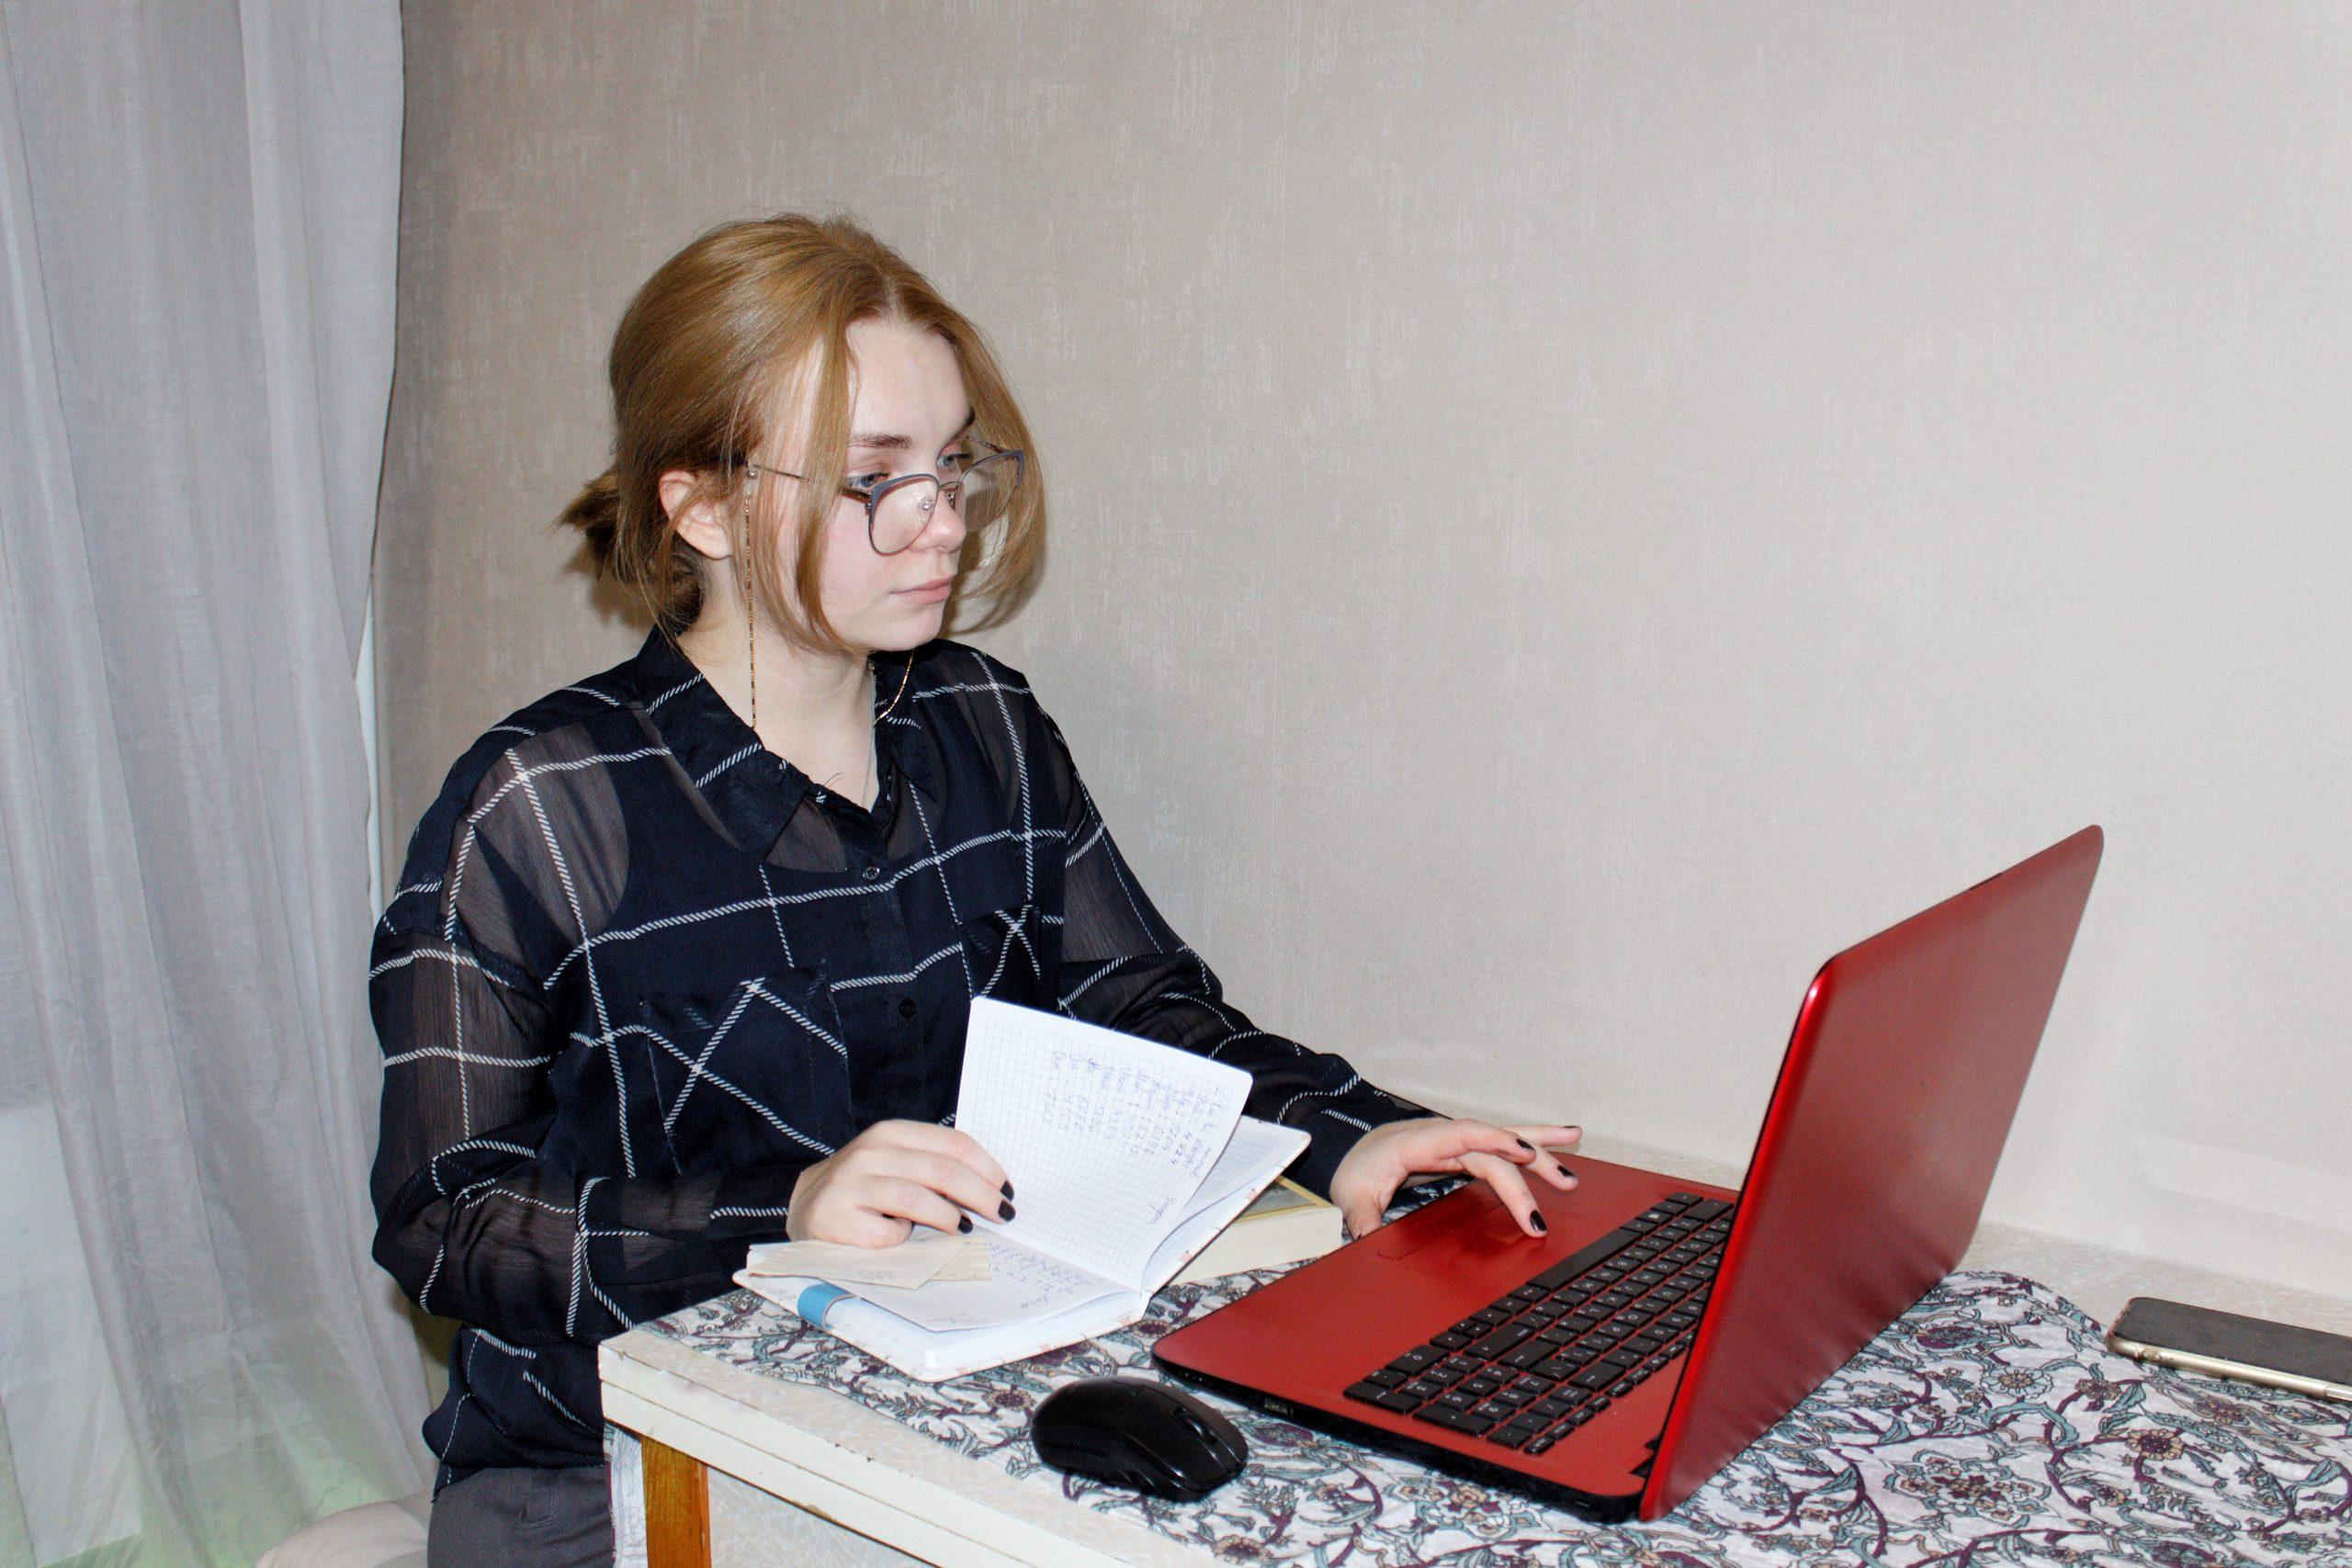 Онлайн-мероприятие провели специалисты Клубной системы «Орехово». Фото: Алена Наумова